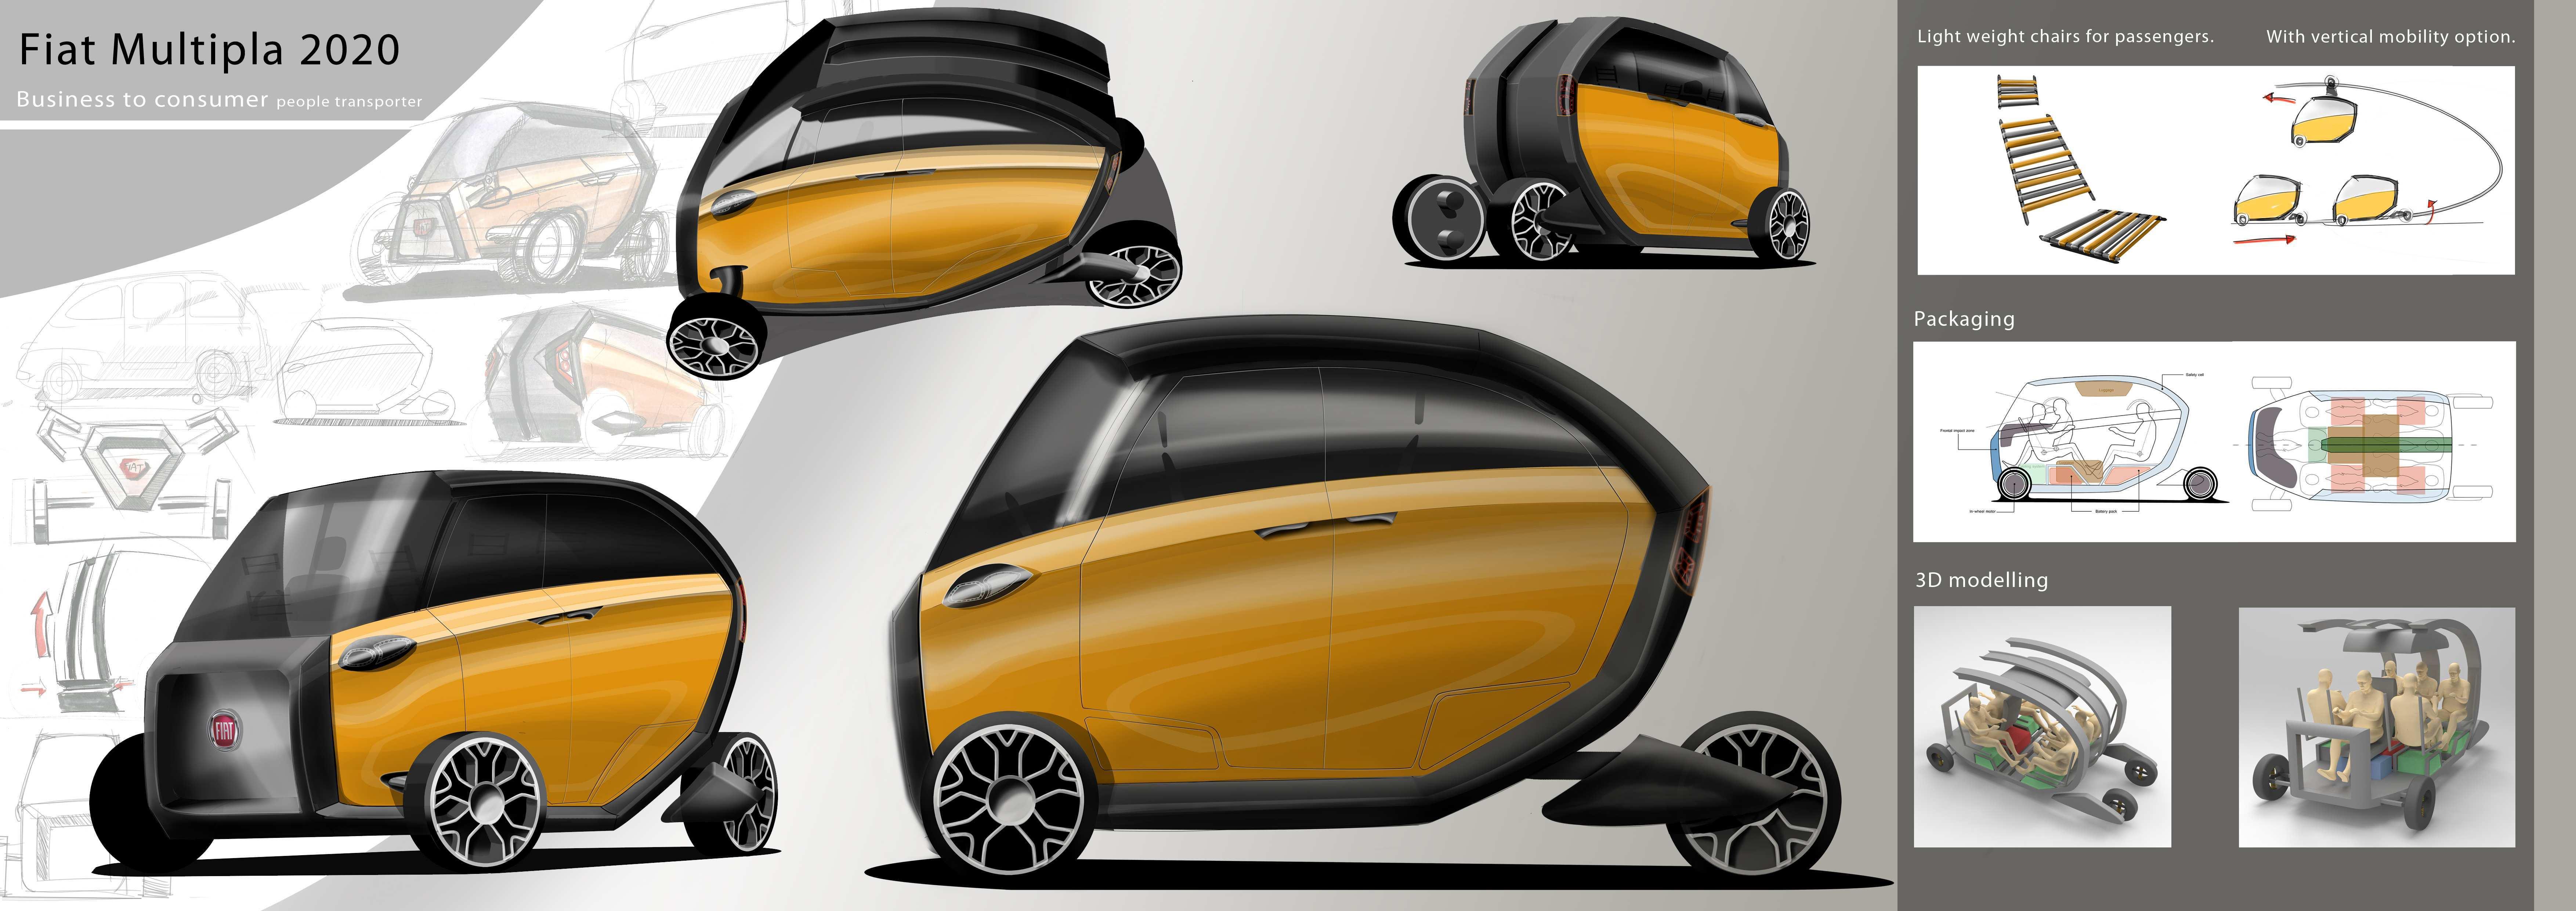 84 All New Fiat Multipla 2020 Spy Shoot for Fiat Multipla 2020